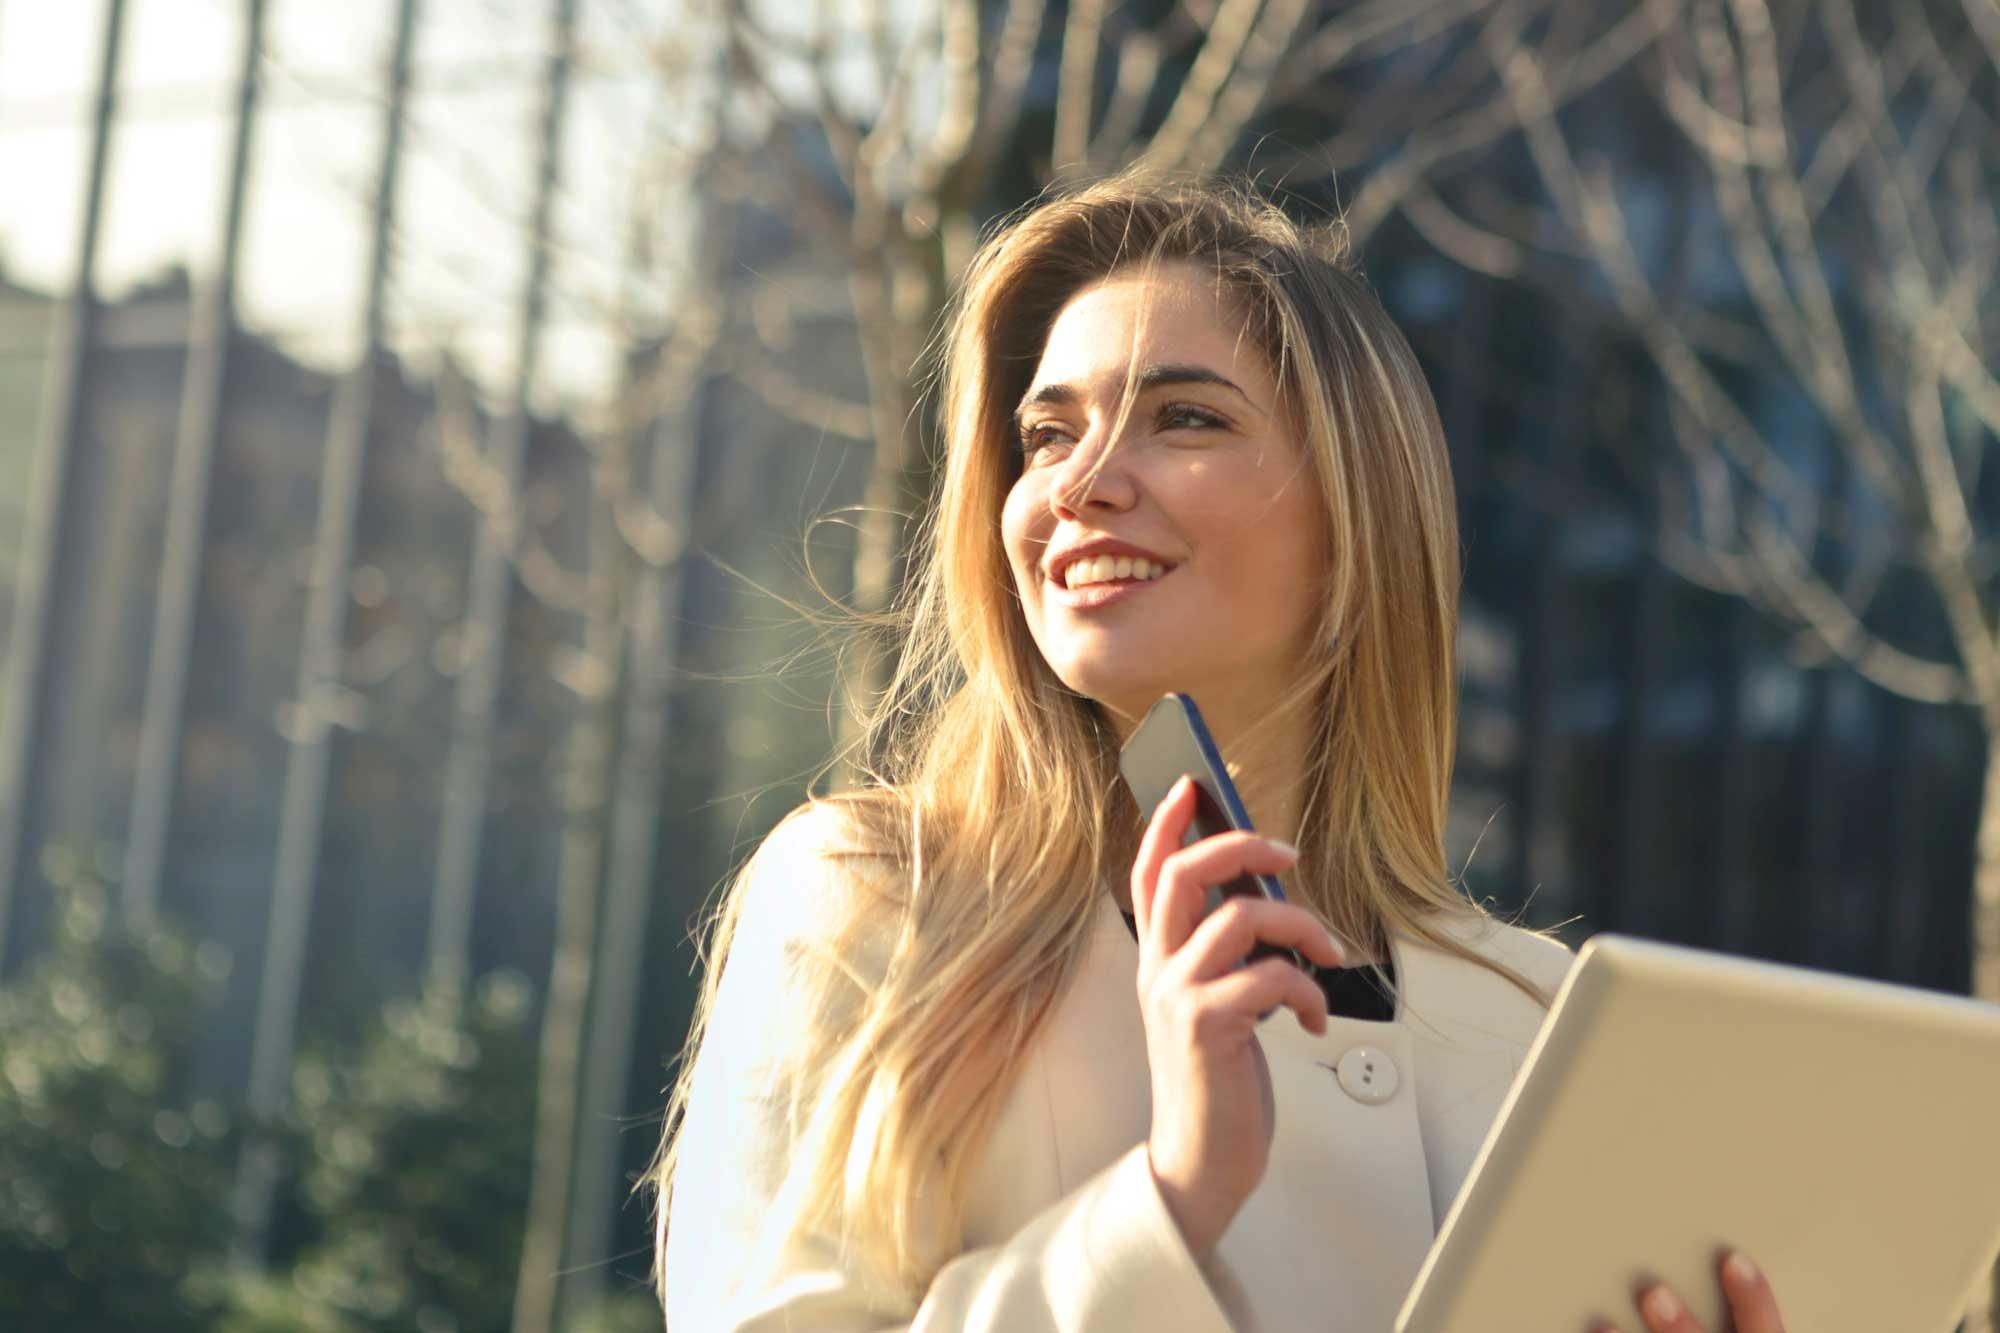 cosmetische-tandheelkunde-aanmelden-fokkerstraat-mondzorgpraktijk-tandarts-orthodontie-spoeddienst-assen-bellen-afspraak-gewoon-gaaf-page-title-bg